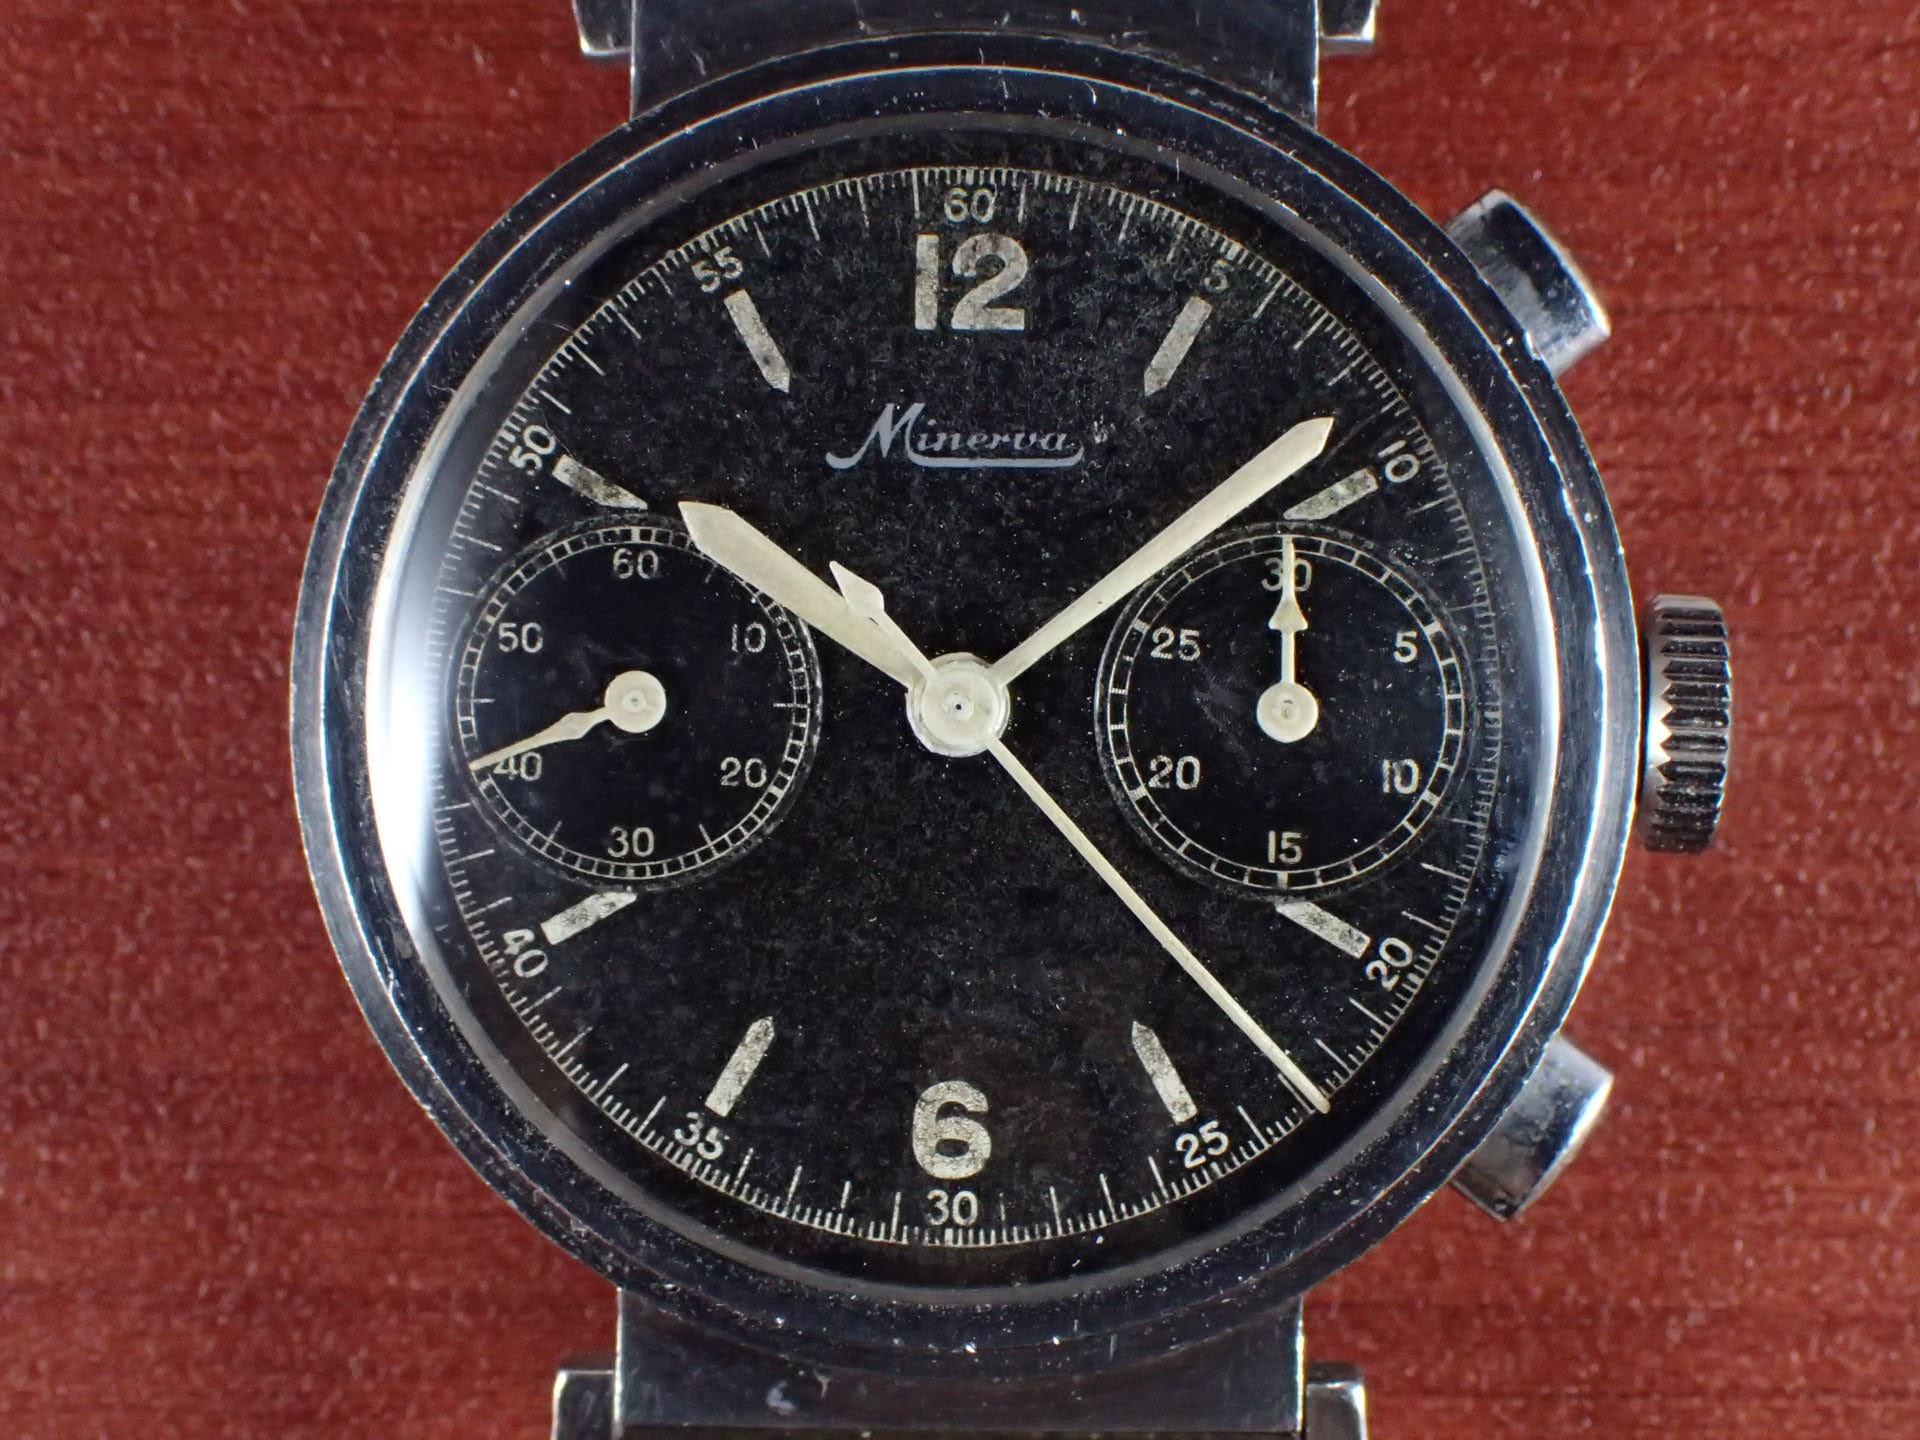 ミネルバ クロノグラフ Cal.13-20CH フレキシブルラグ 1930年代の写真2枚目